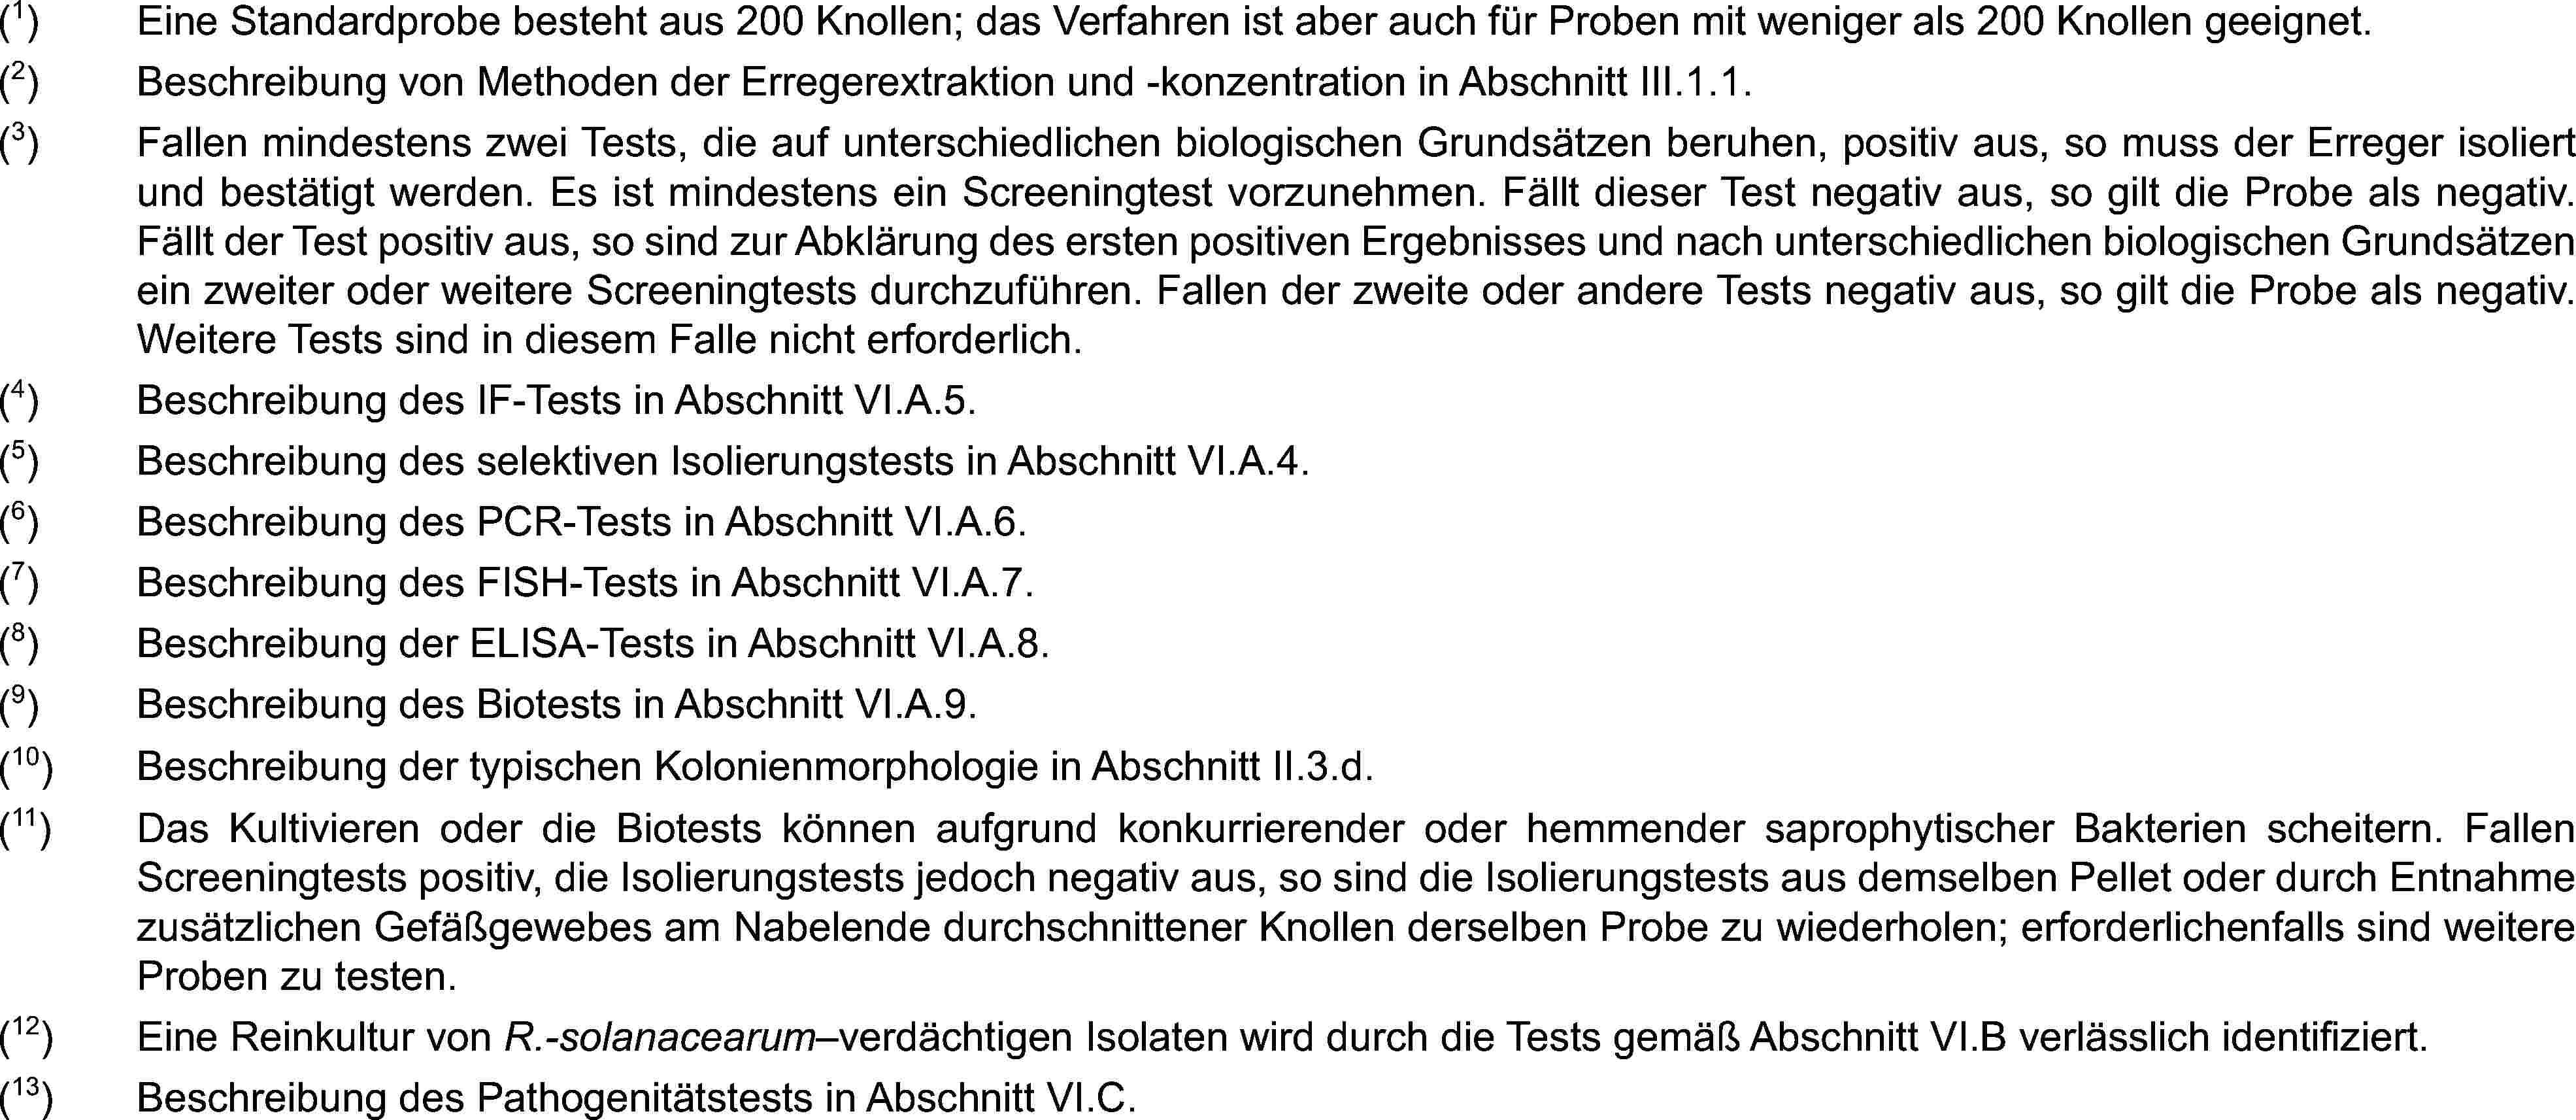 EUR-Lex - 01998L0057-20060730 - EN - EUR-Lex